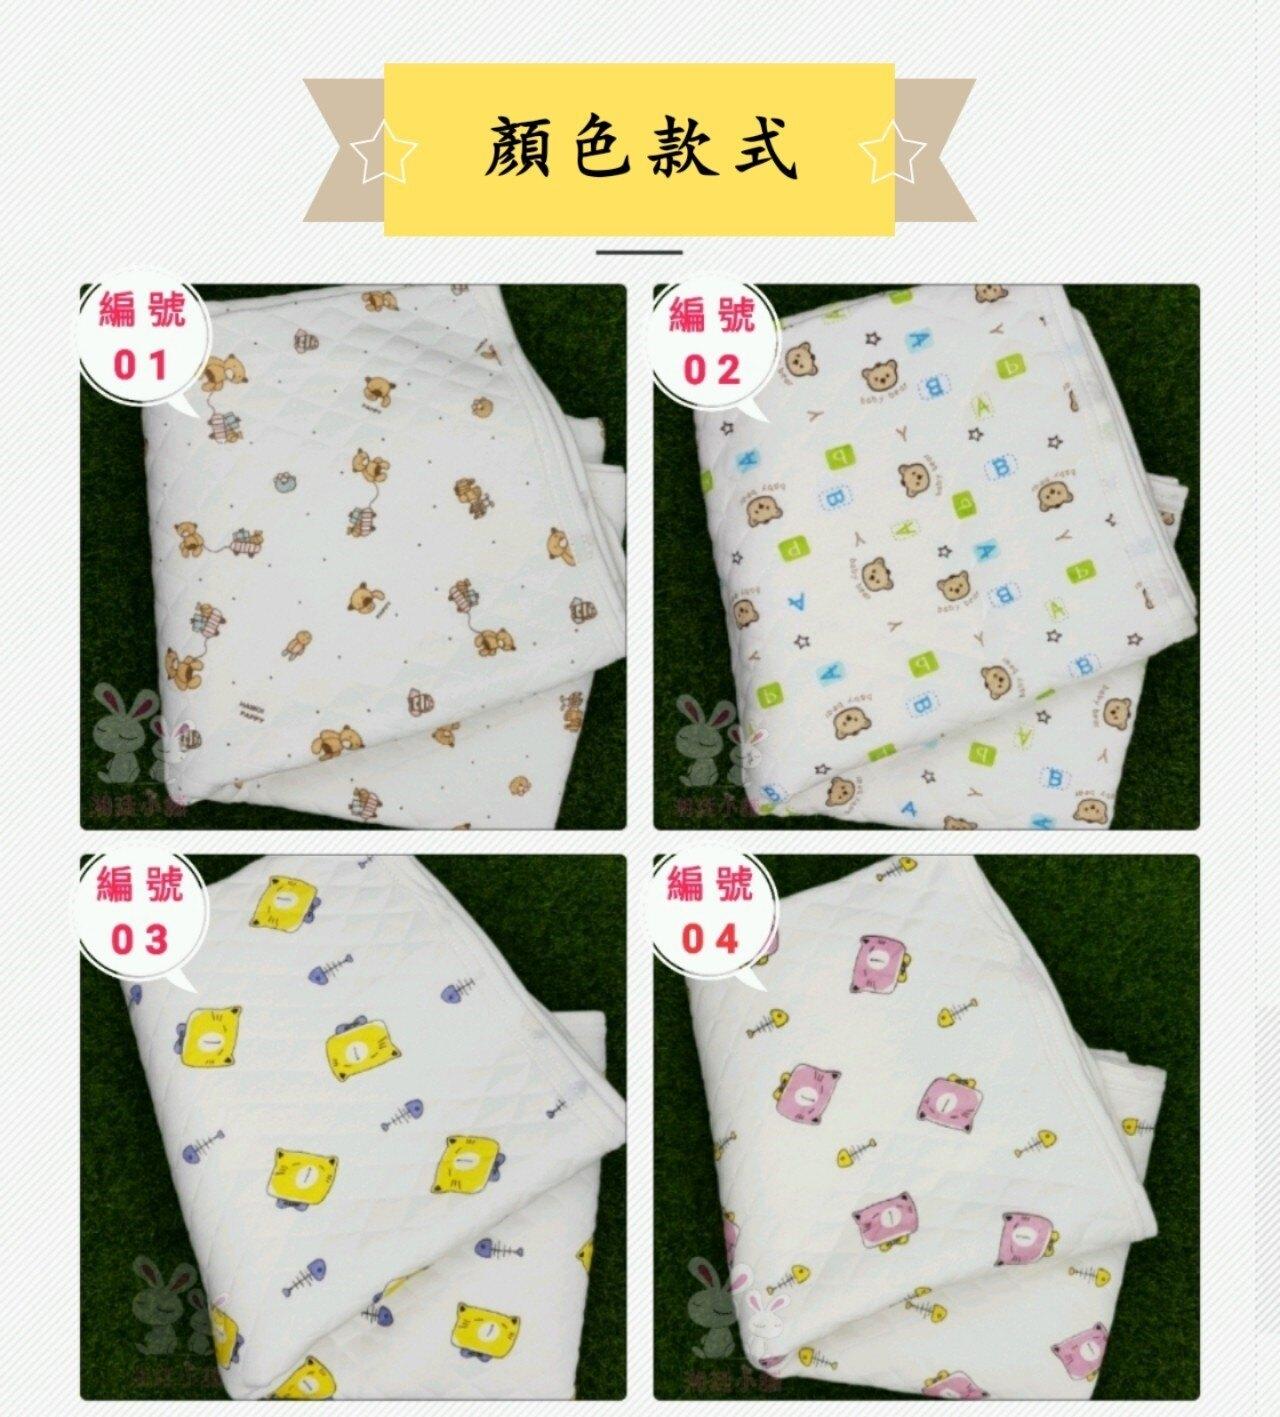 ☆湘廷小舖★現貨~加倍柔軟!冬季加厚純棉包巾、蓋毯